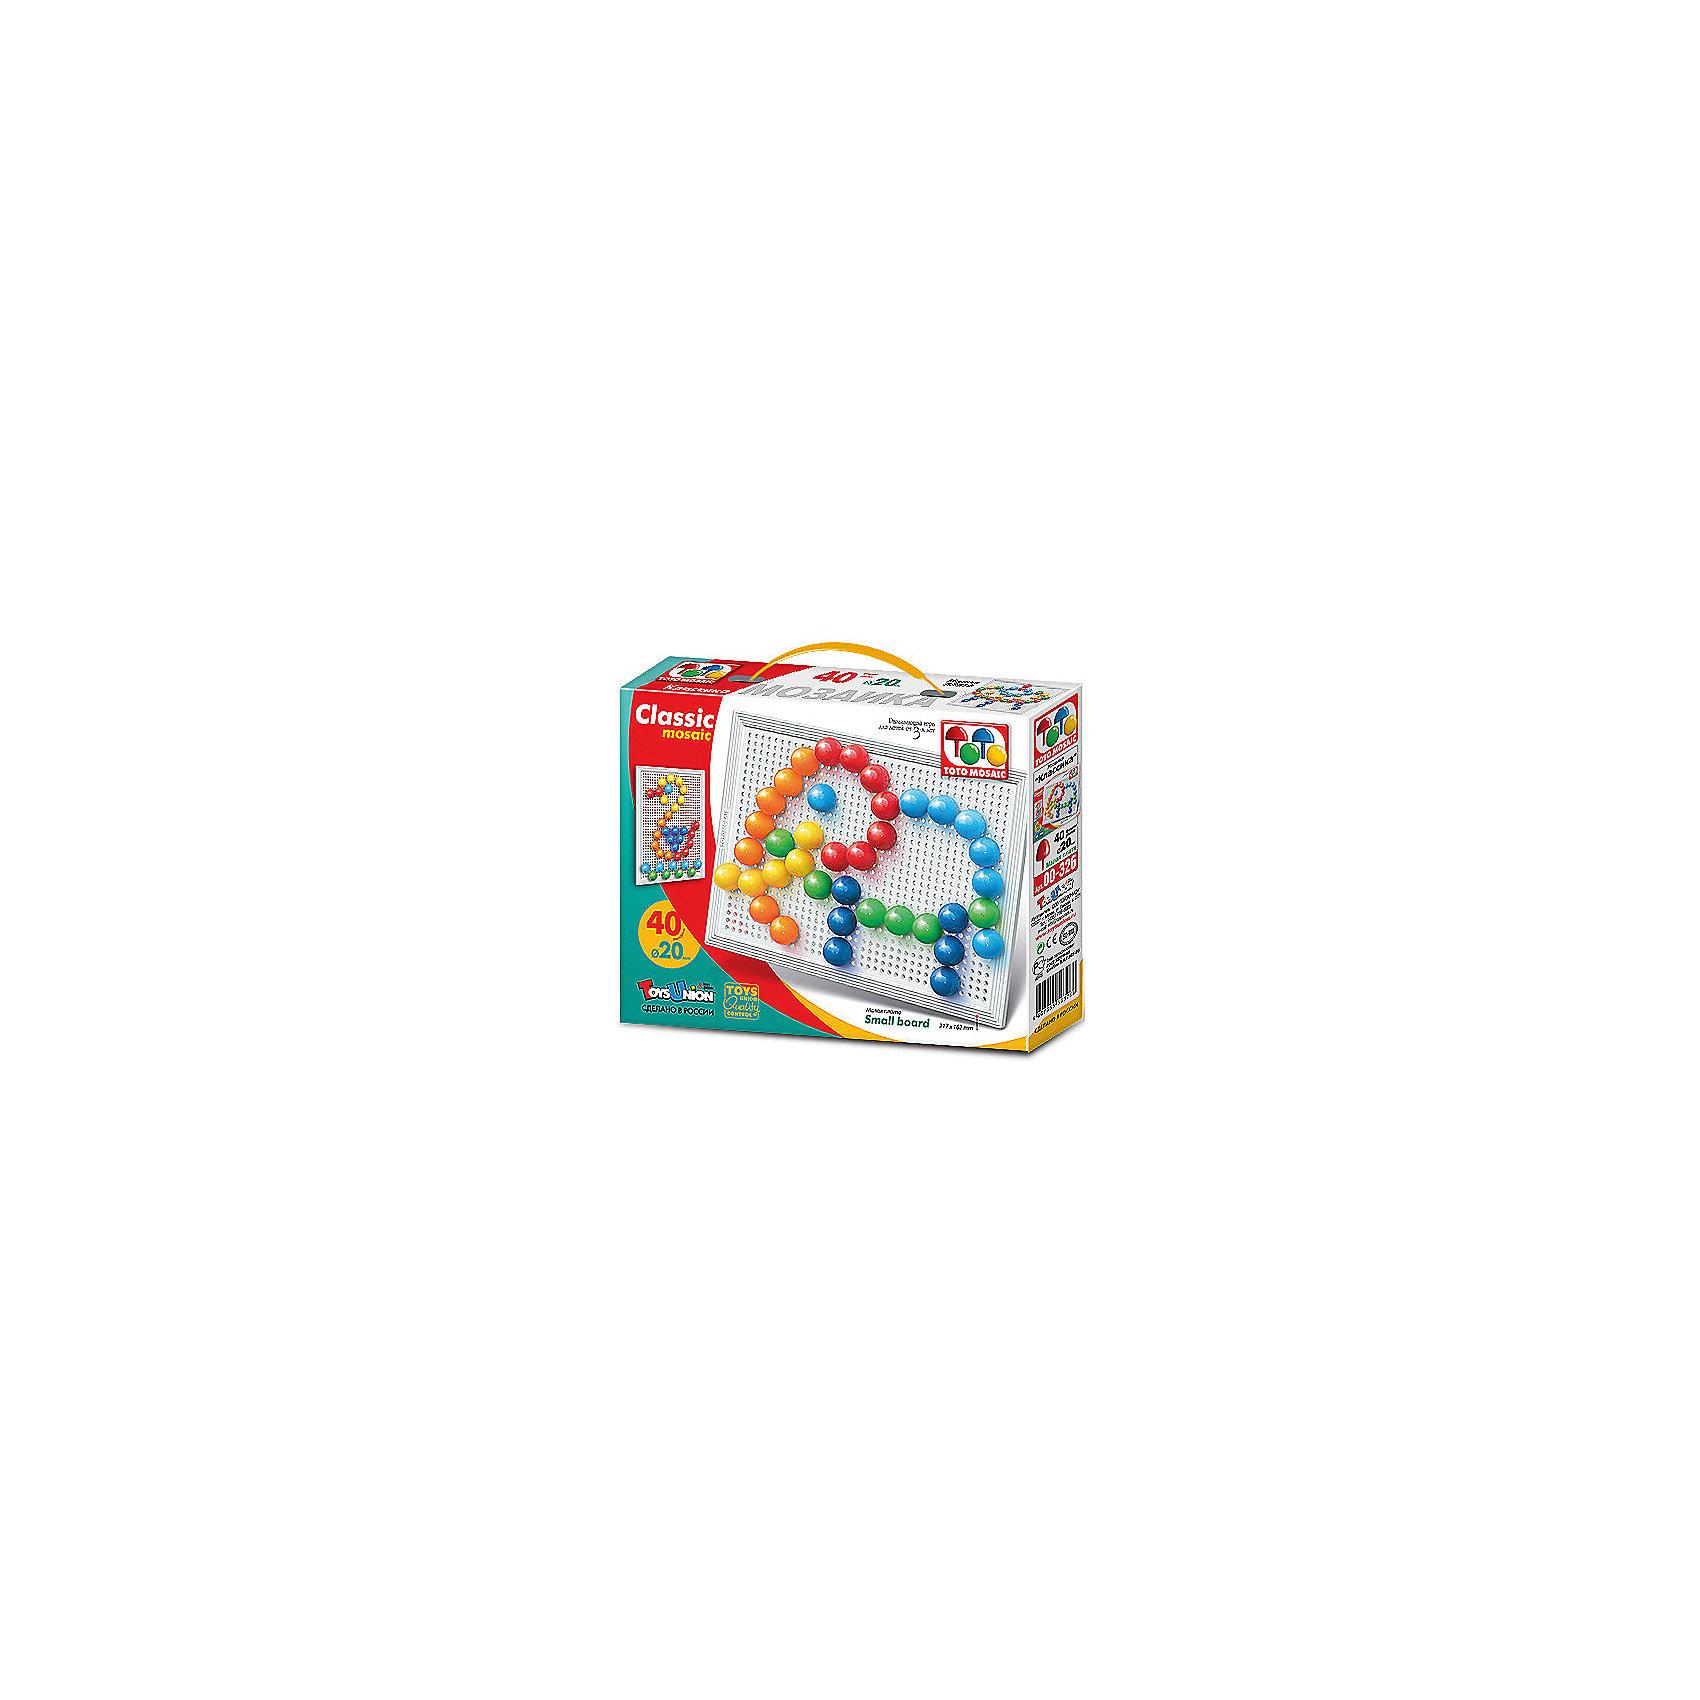 Toys Union Мозаика Необыкновенные приключения,40 деталей, д. 20 мм, Toys Union мозаика 20 мм 45318